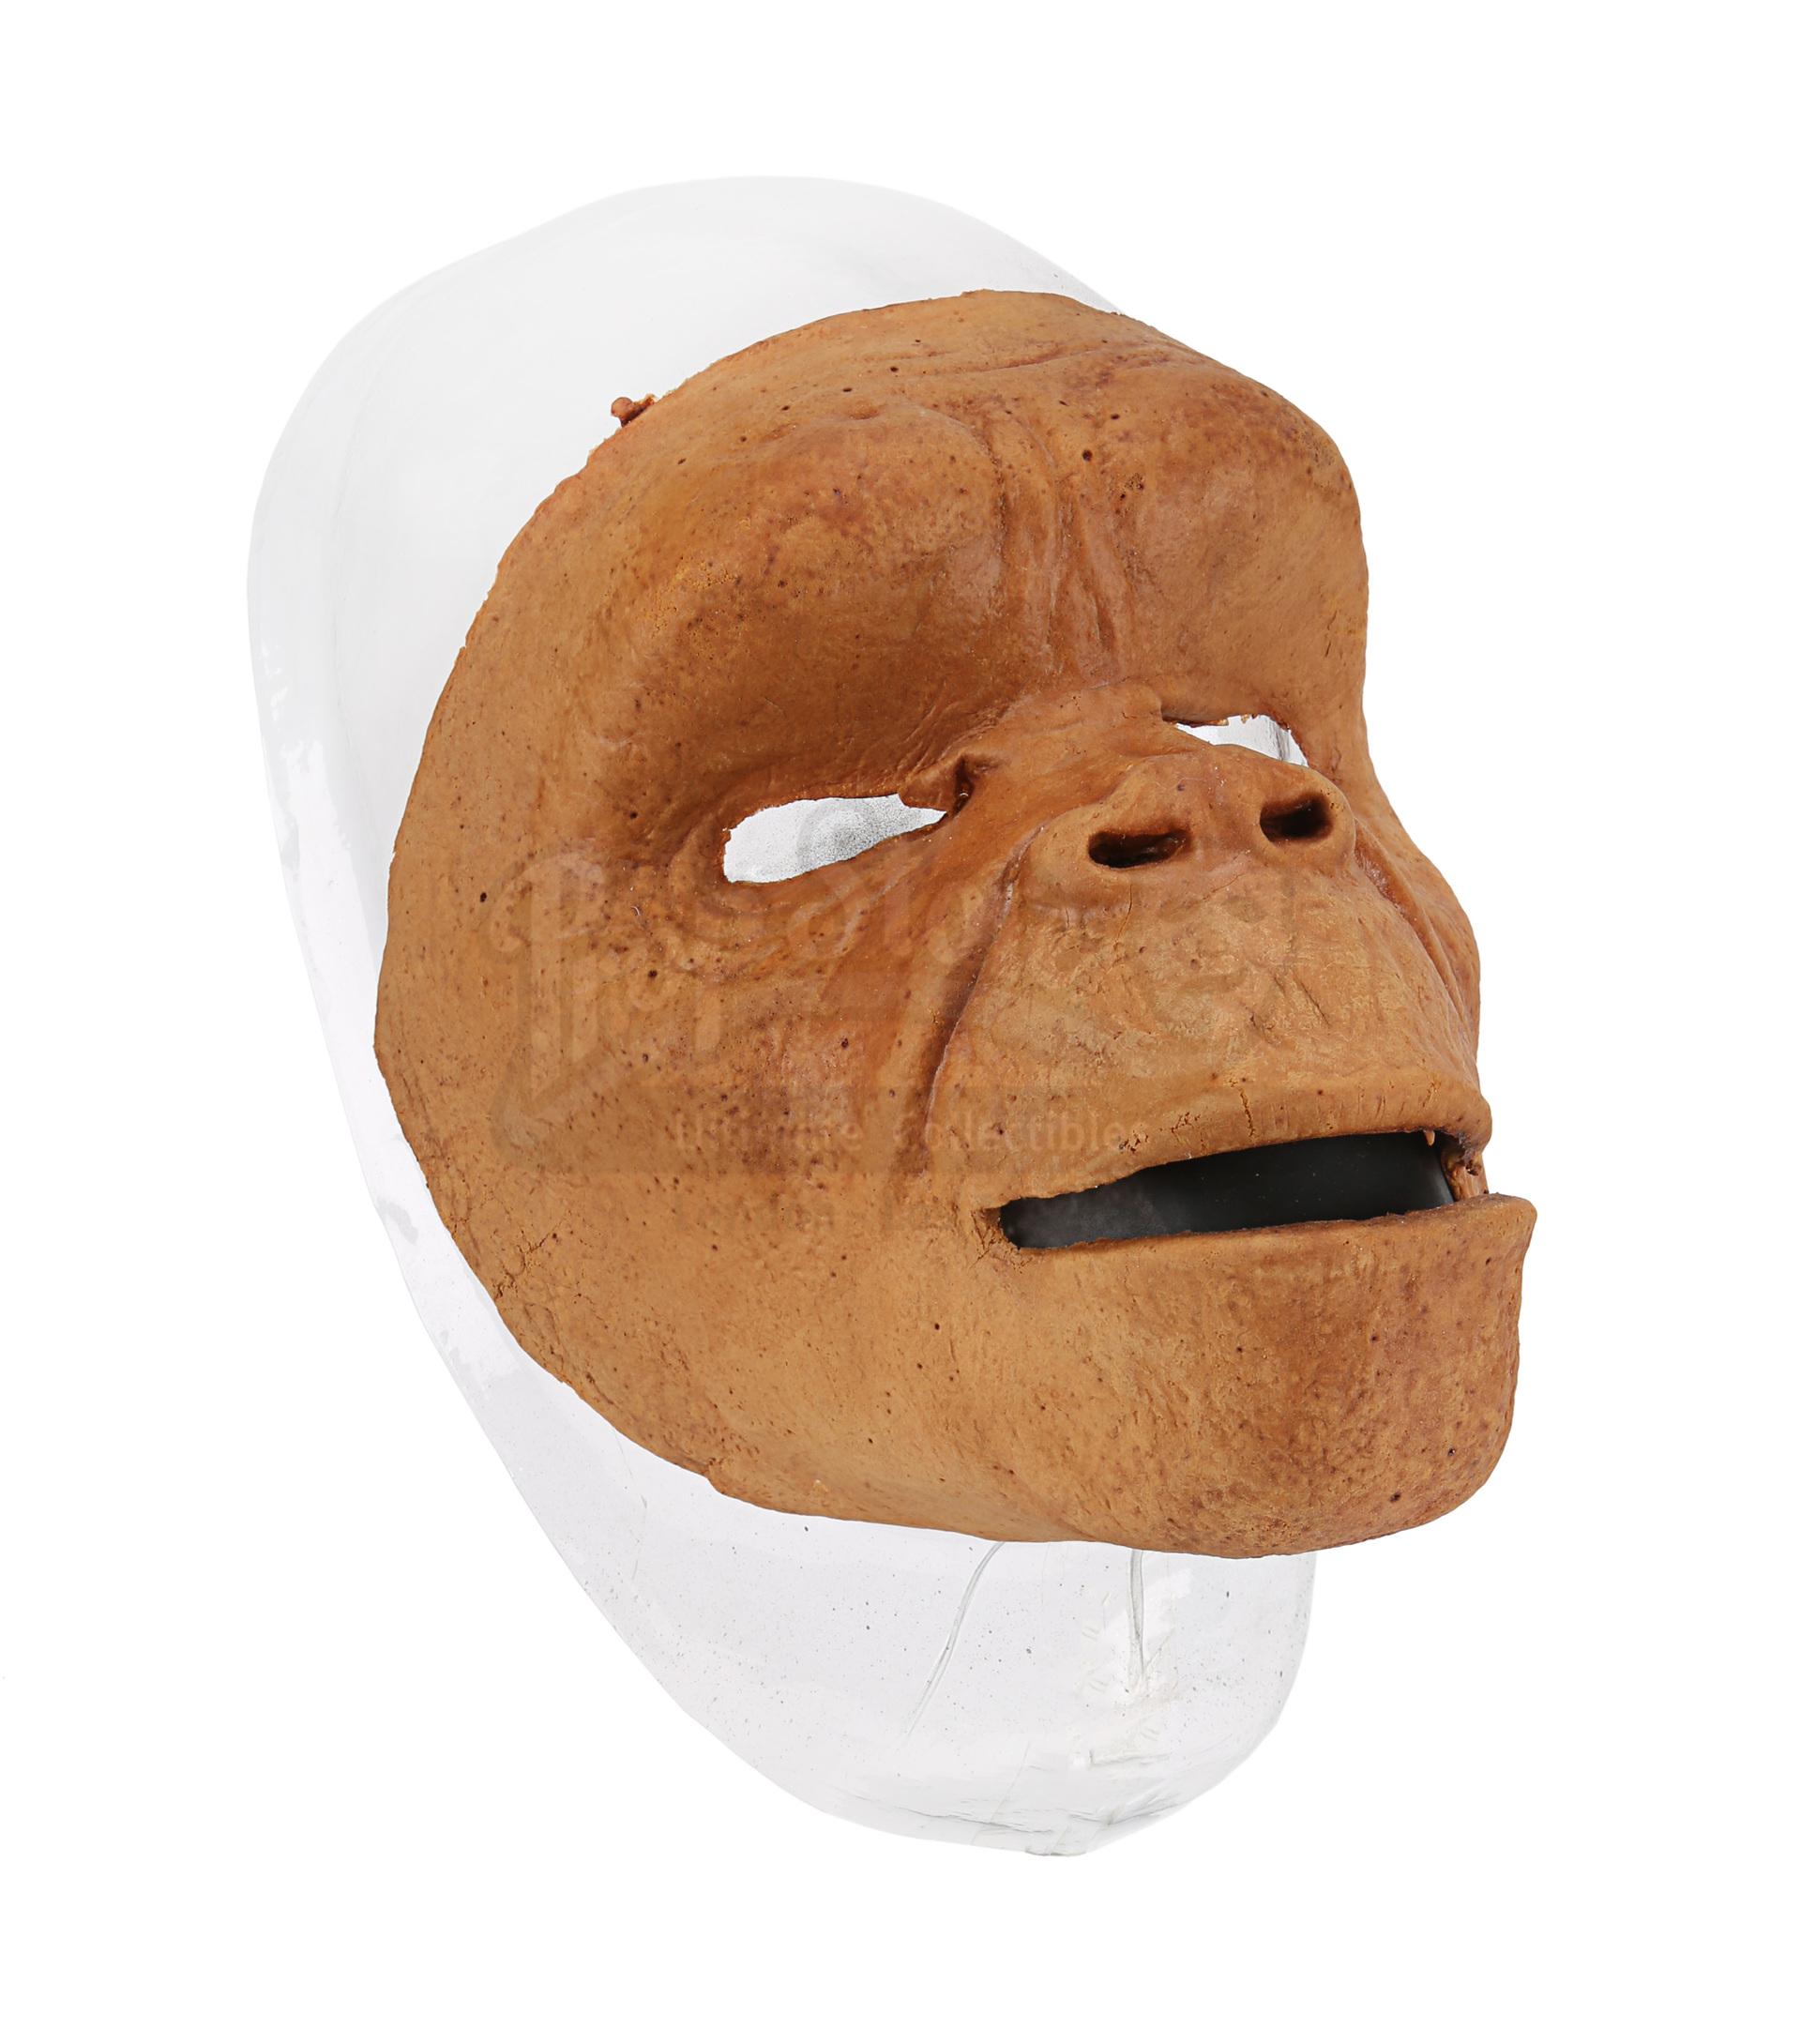 2001: A SPACE ODYSSEY (1968) - Dawn of Man Ape Mask